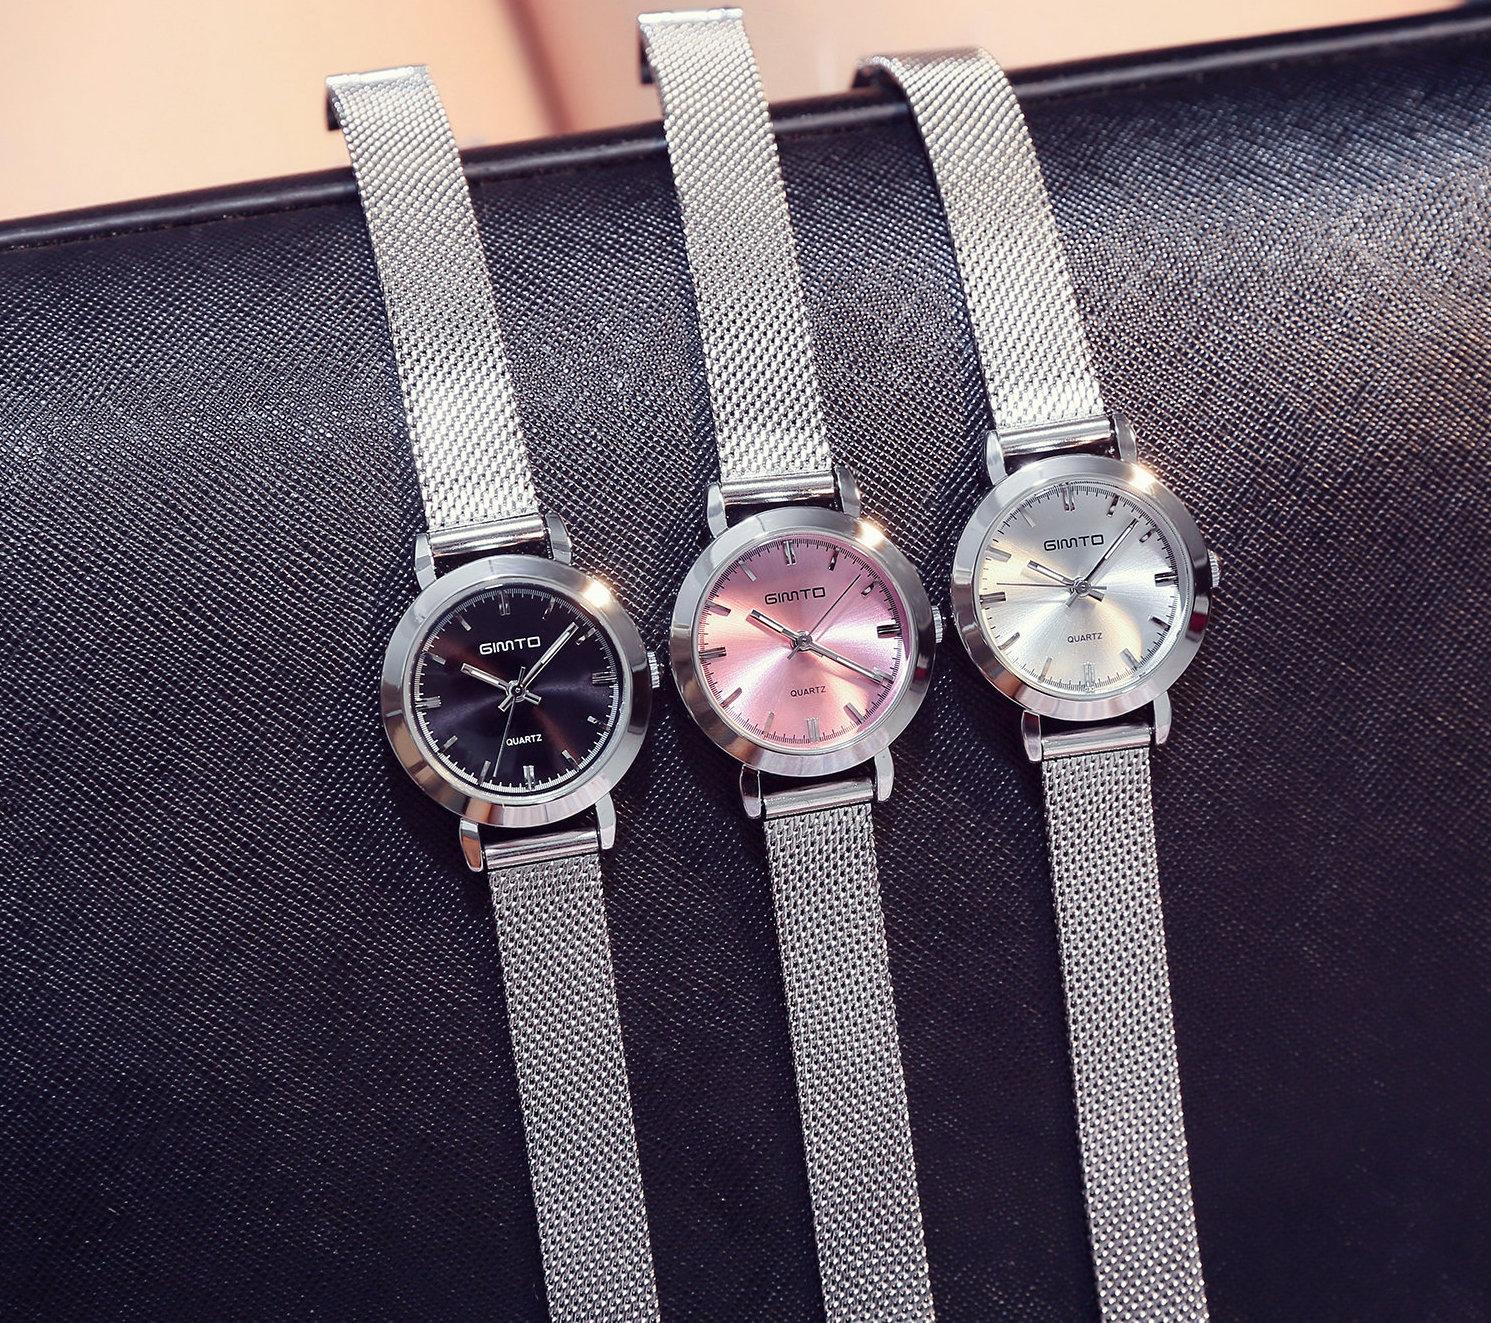 faa58921b Elegantné dámske hodinky v troch rôznych farebných prevedeniach ...